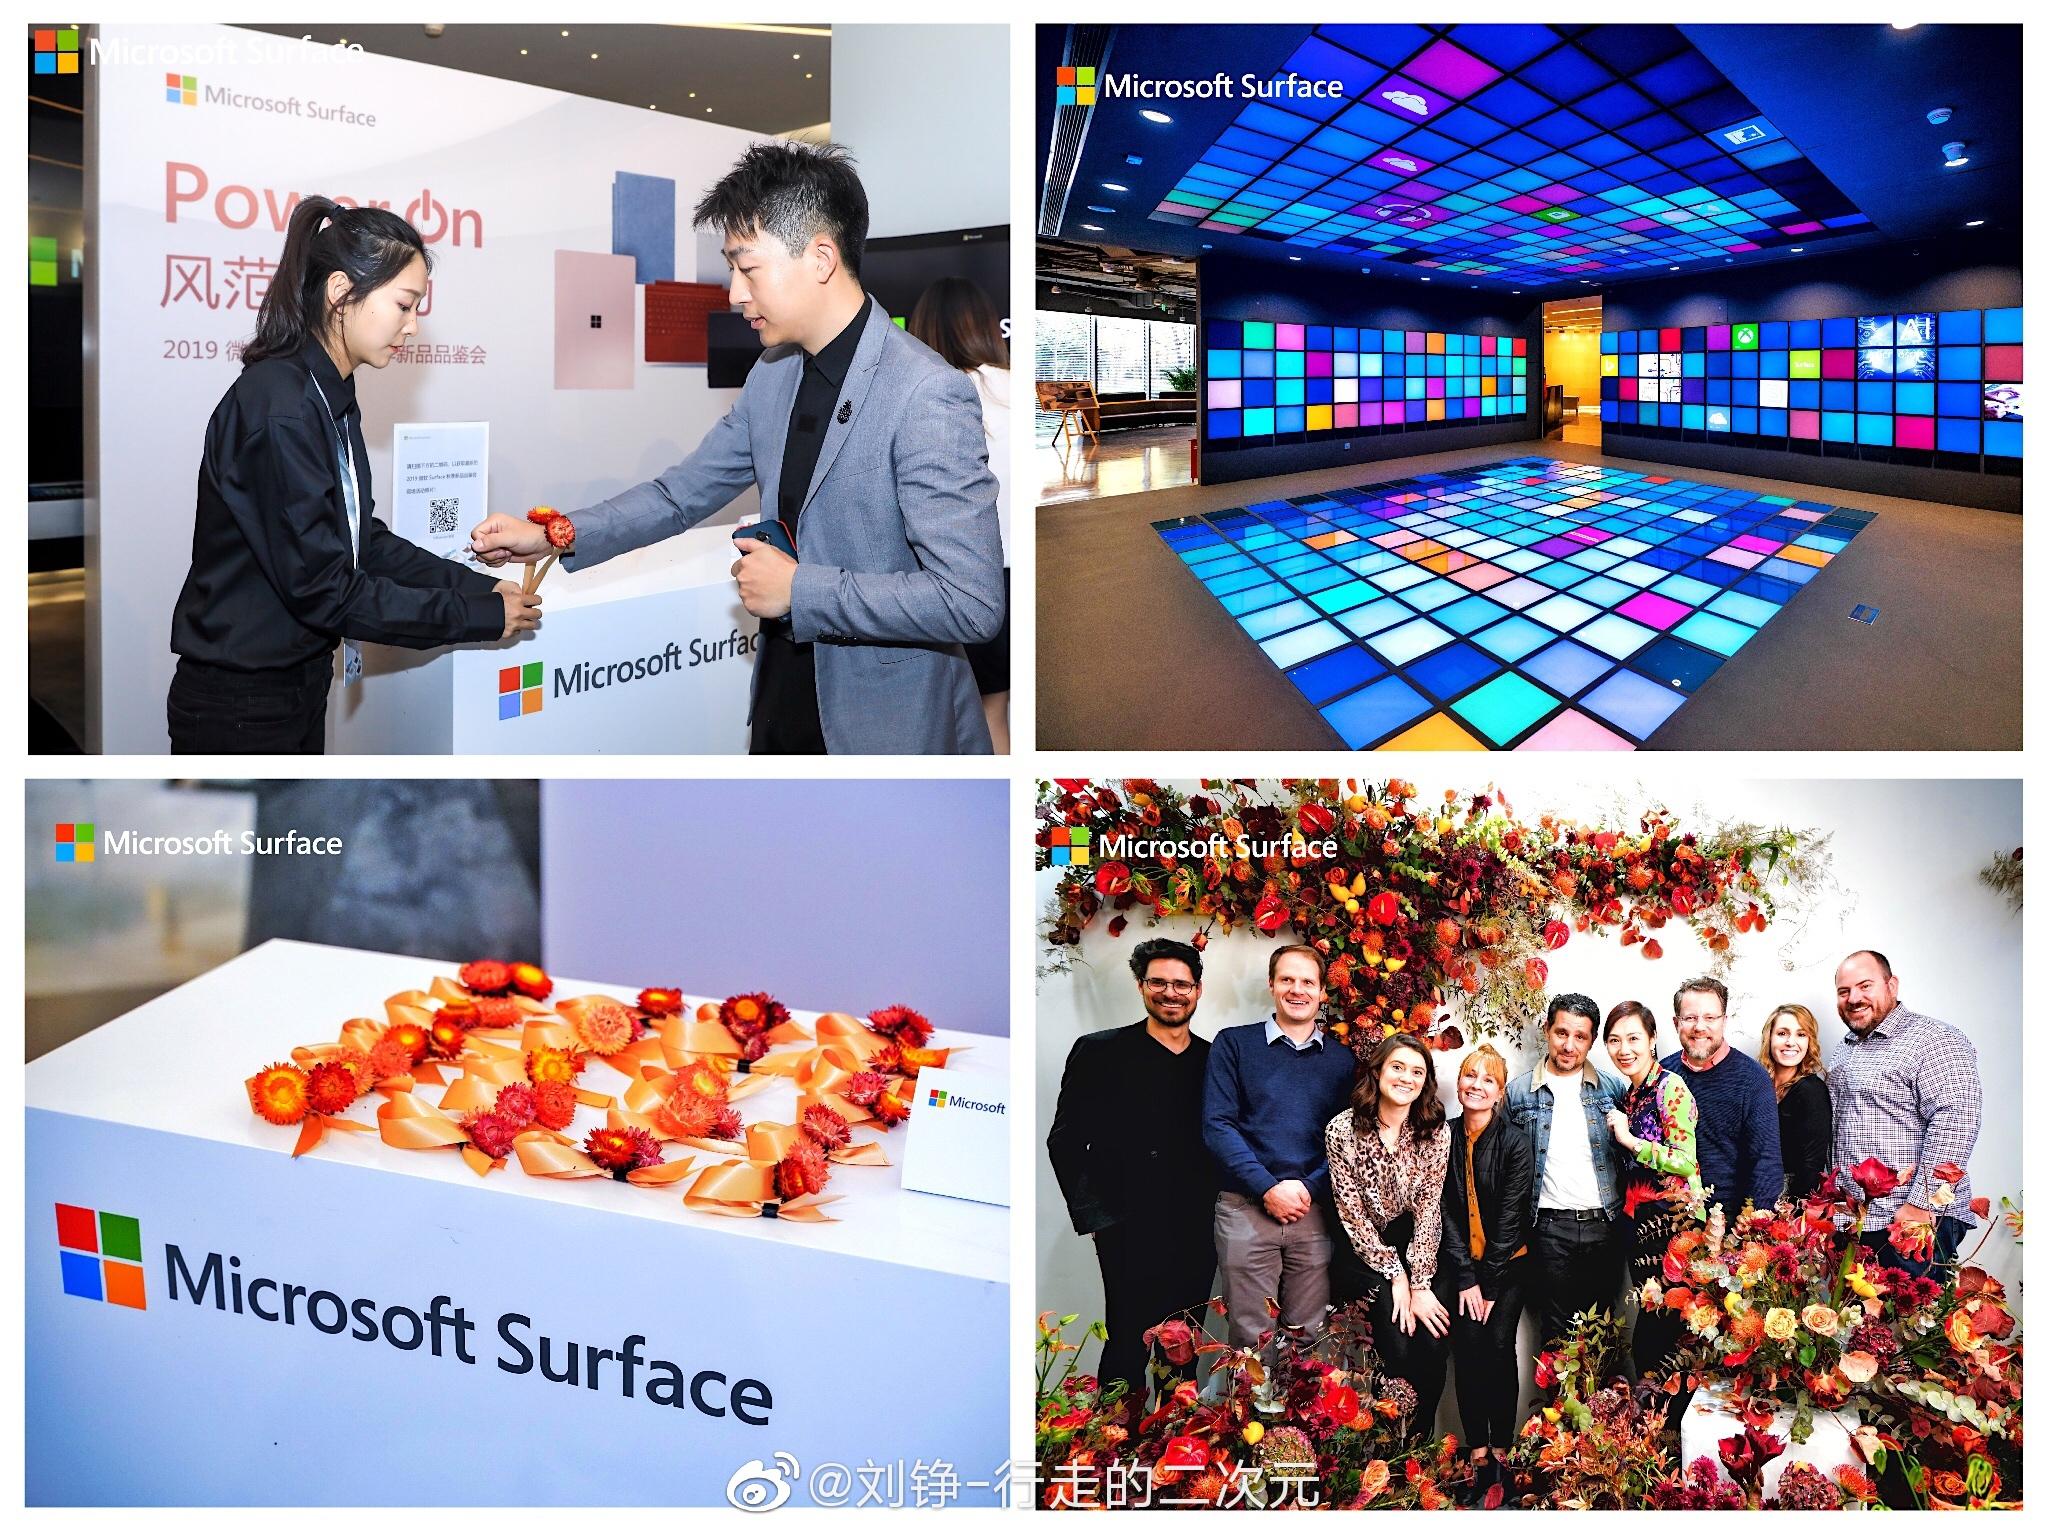 2019微软Surface秋季新品品鉴会,昨晚在微软中国总部诚挚开启